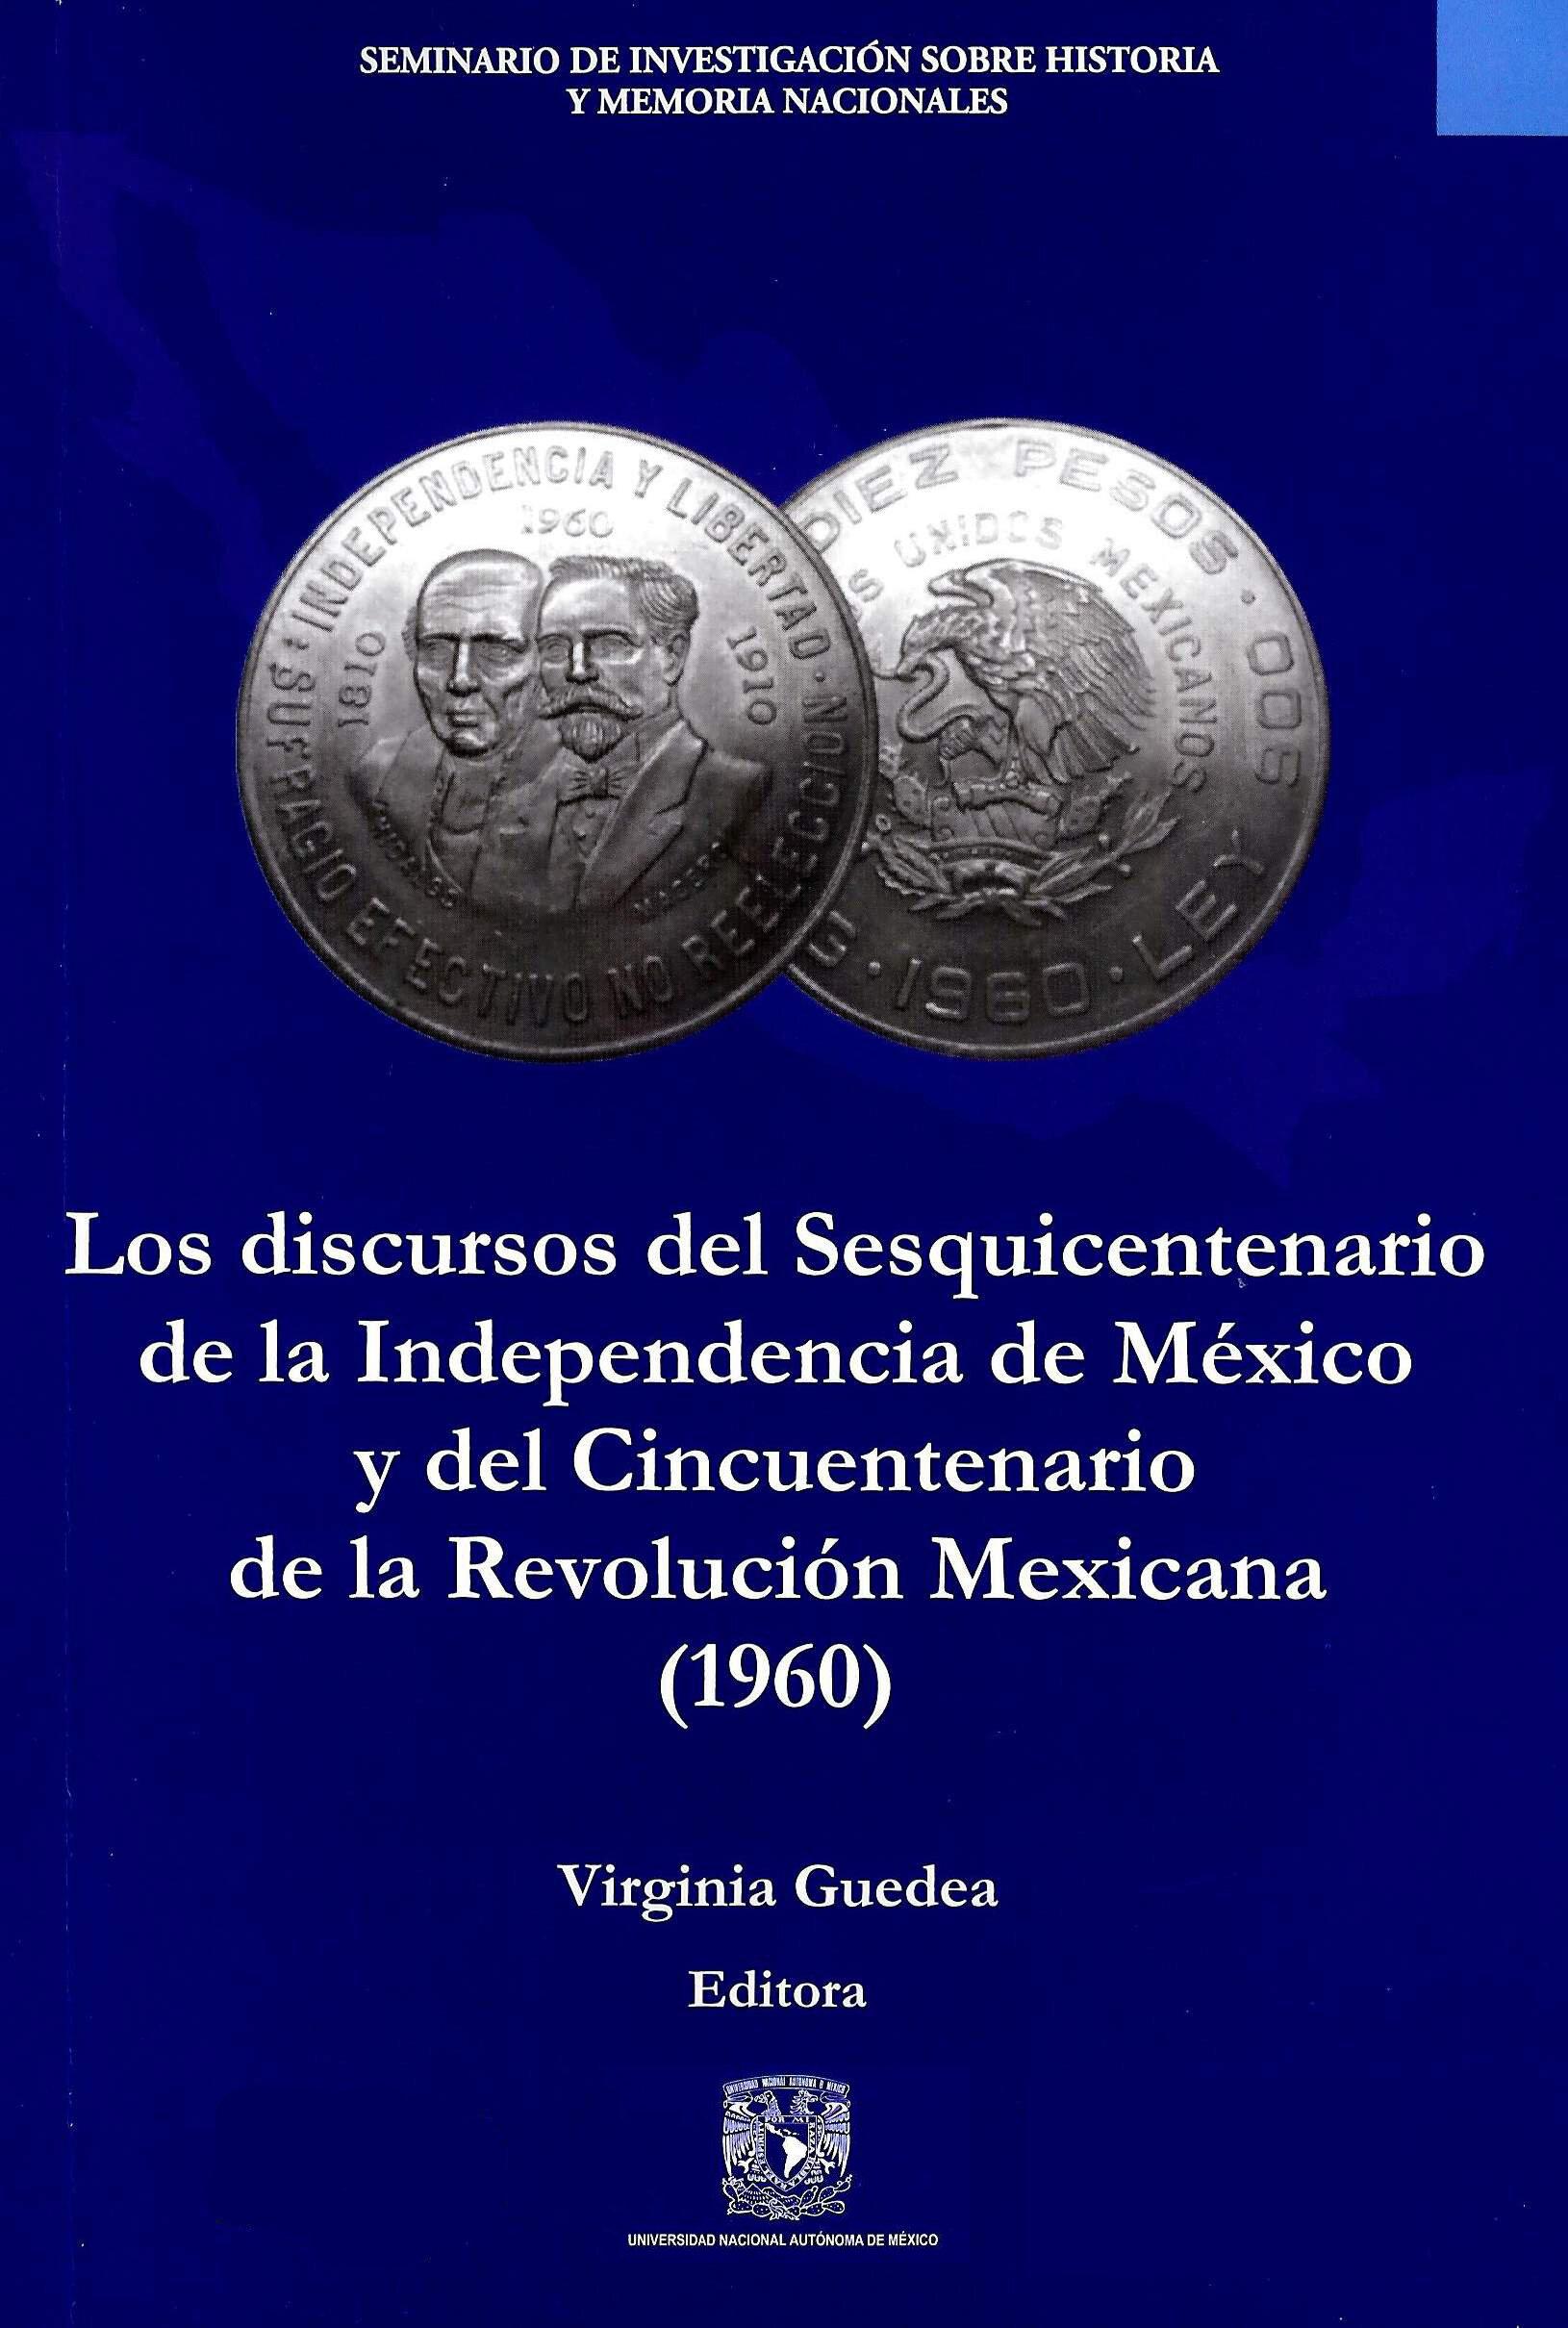 Los discursos del Sesquicentenario de la Independencia de México y del Cincuentenario de la Revolución Mexicana (1960)